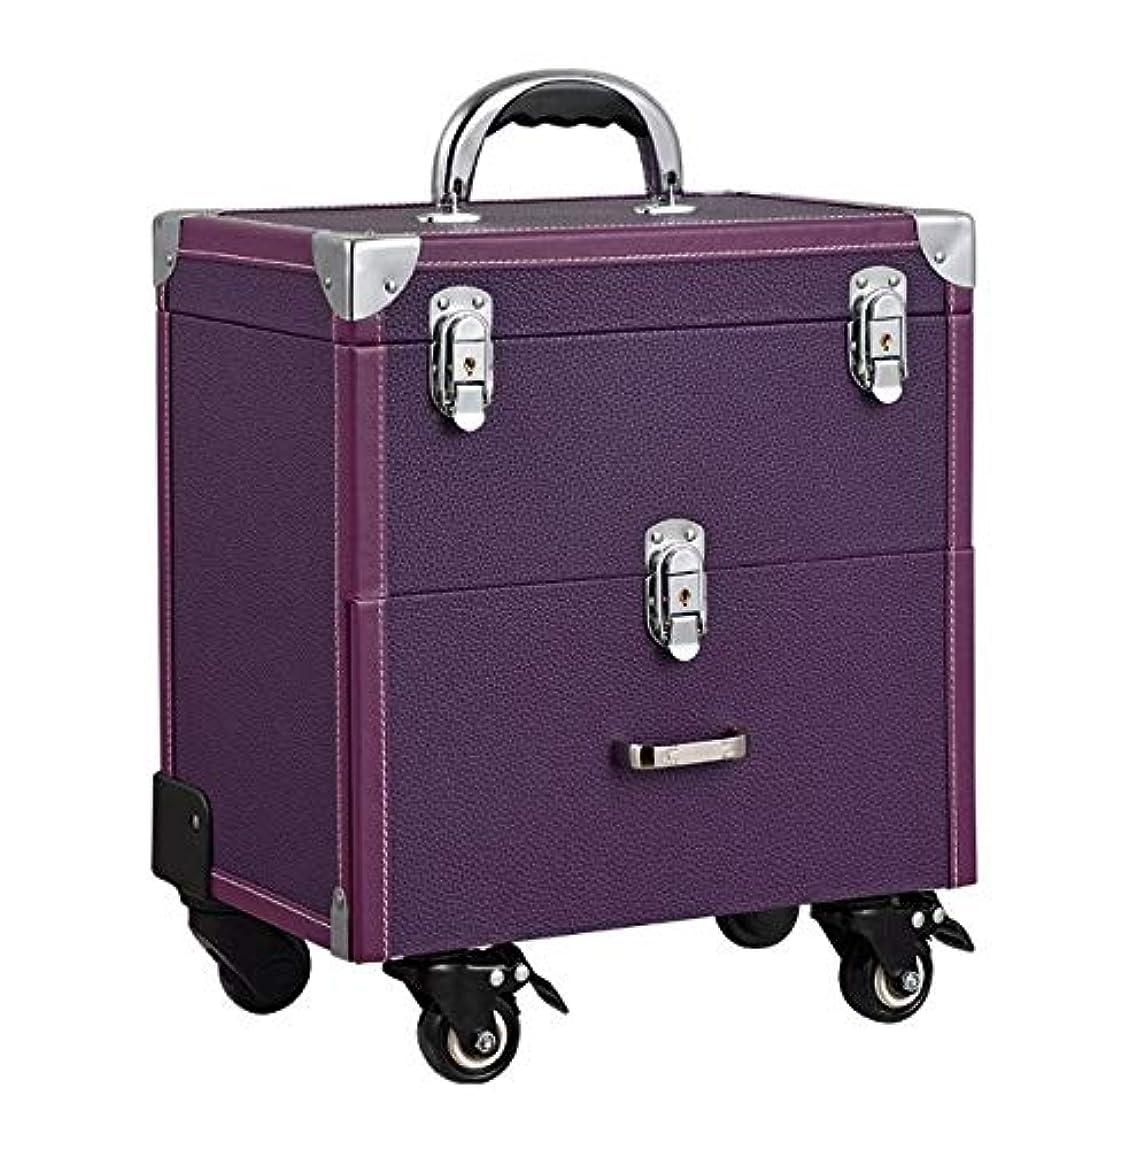 次新聞誘う化粧箱、大容量ダブルポール化粧品ケース、ポータブル旅行化粧品袋収納袋、美容化粧ネイルジュエリー収納ボックス (Color : Purple)